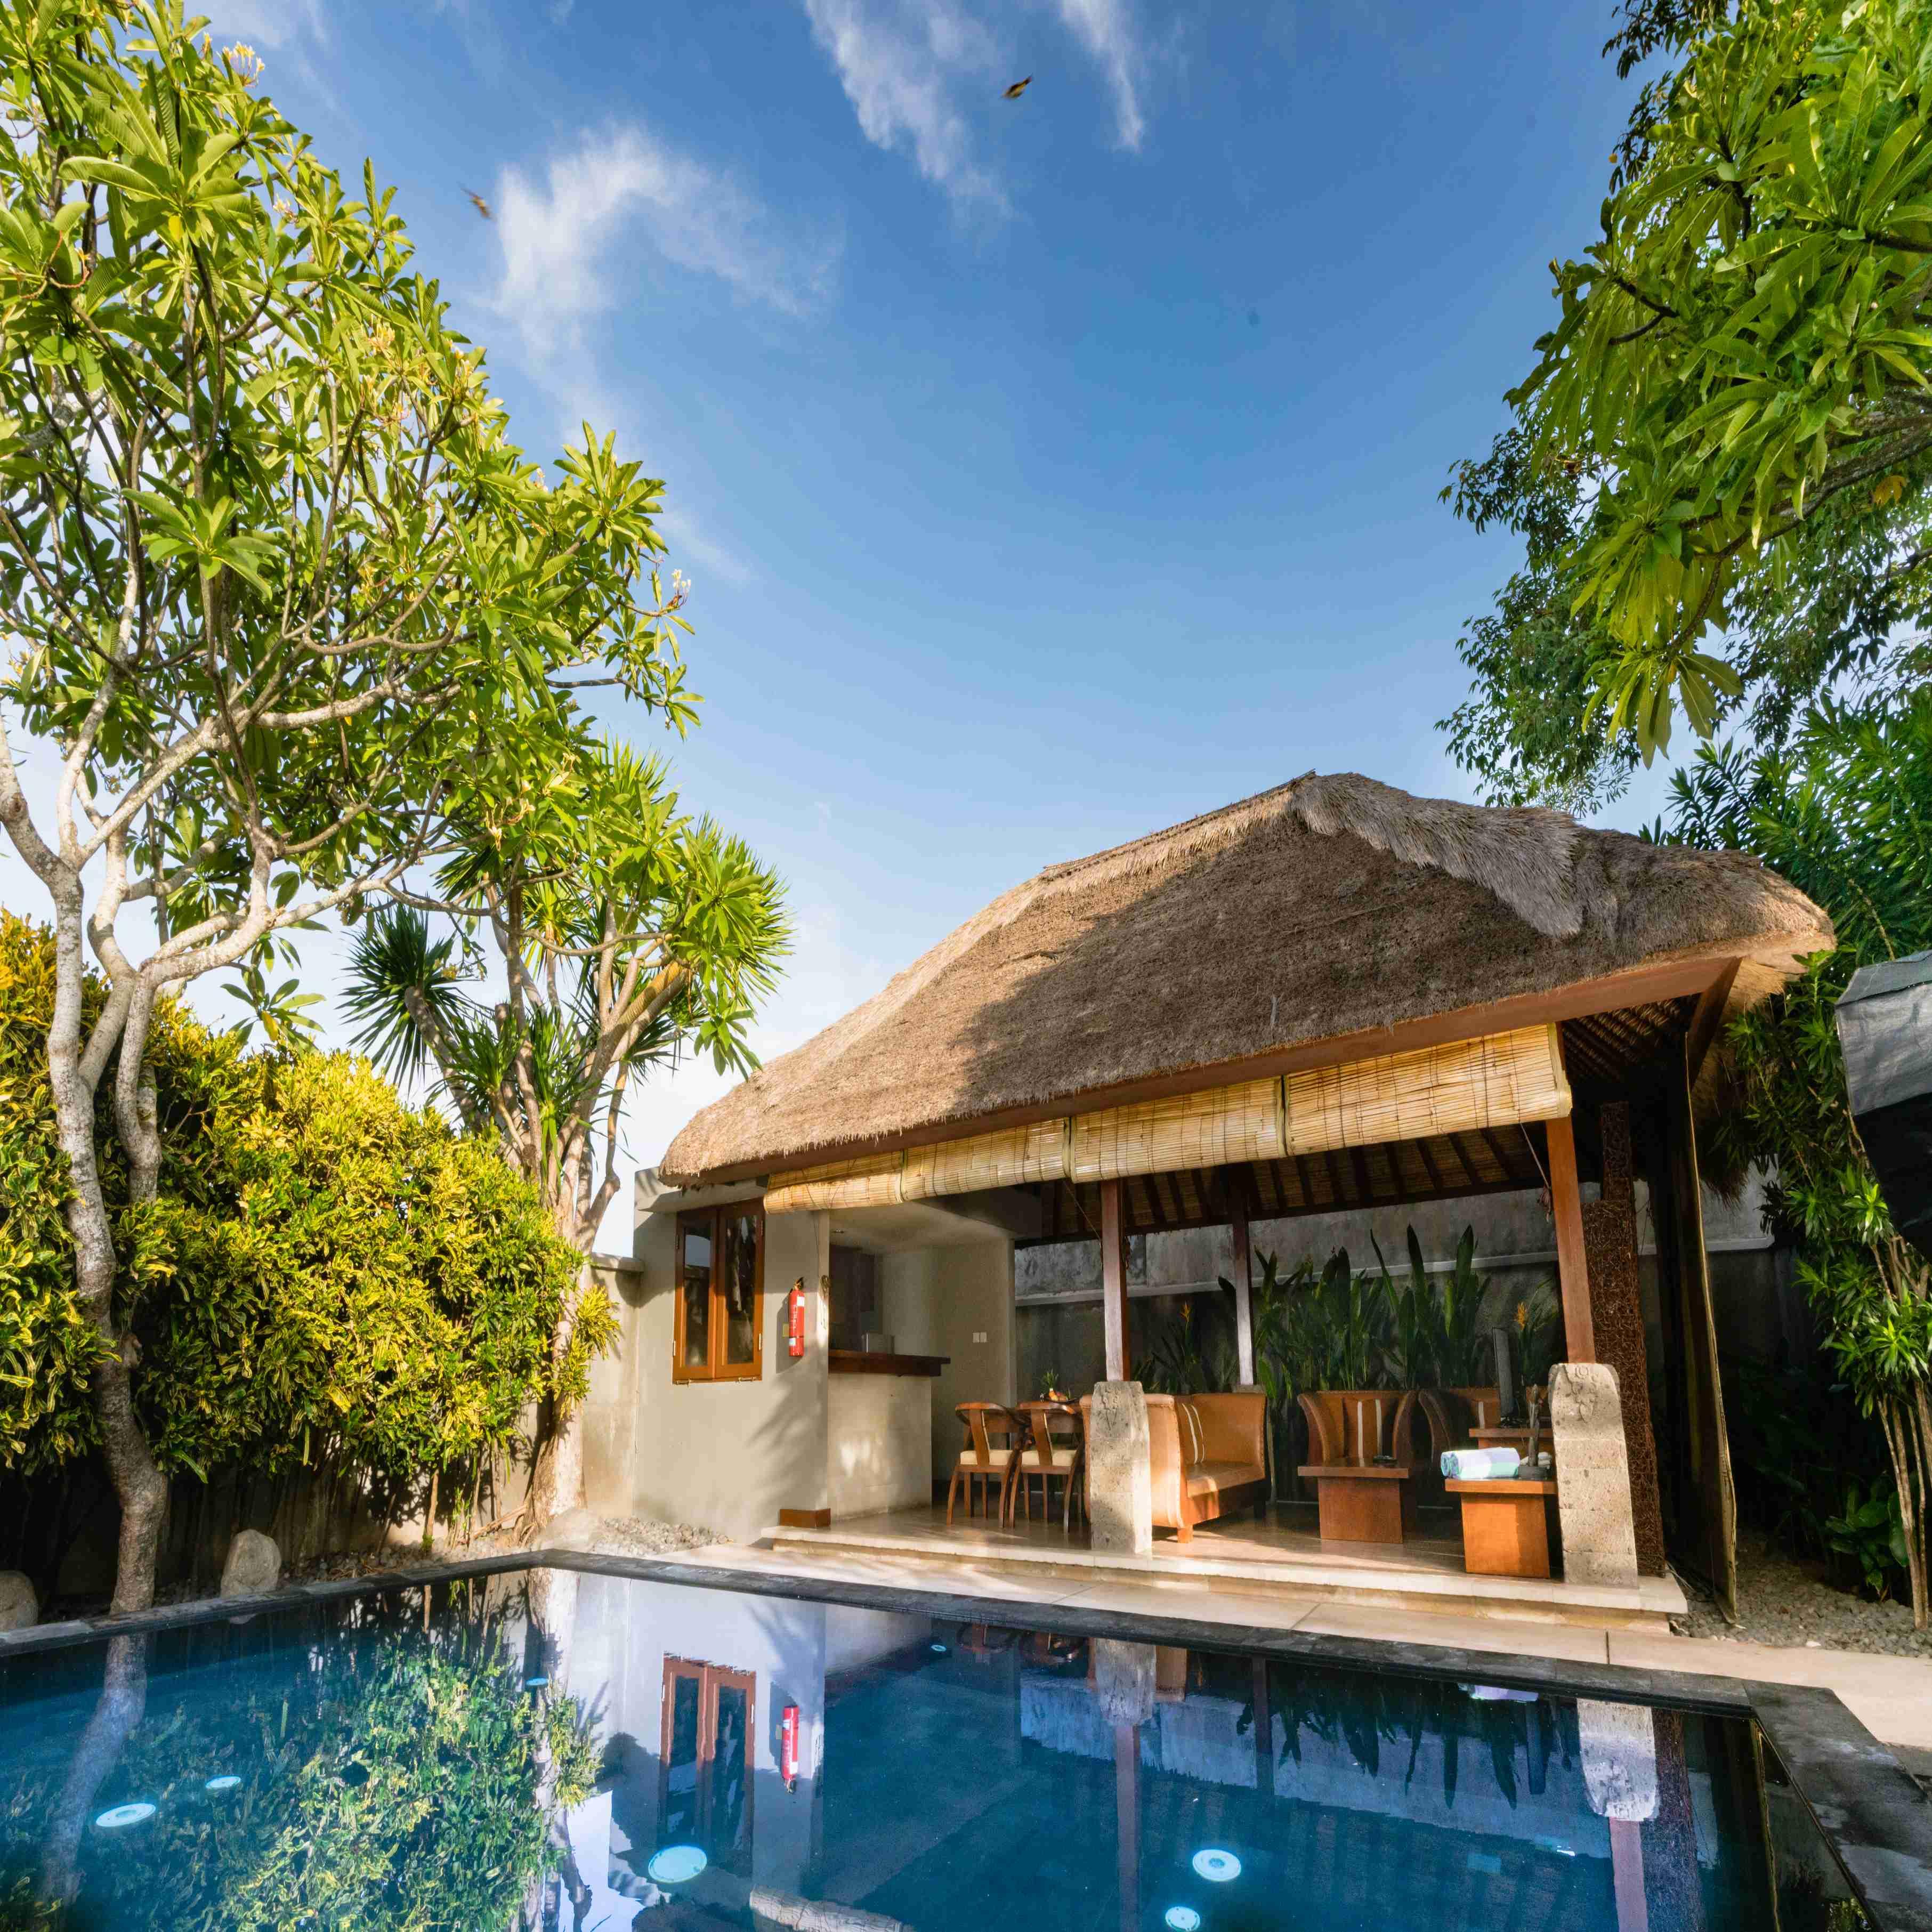 Sewa Villa Bulanan Dua Kamar Bumi Linggah Bali